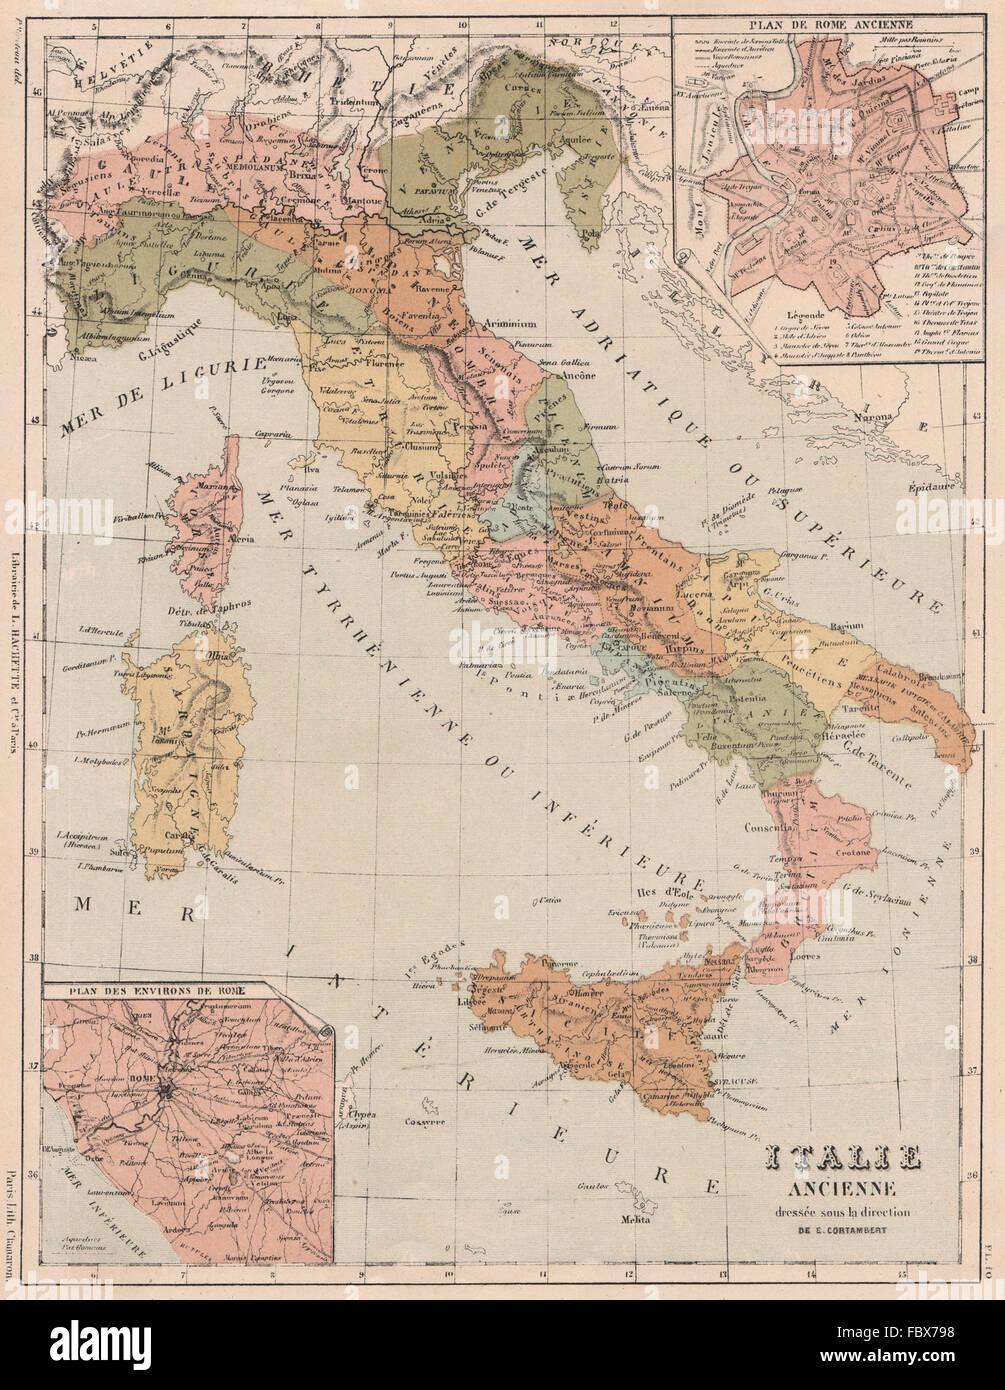 Cartina Antica Roma.Italia Antica Sotto I Romani Inset Antica Roma E Dintorni 1880 Mappa Antichi Foto Stock Alamy